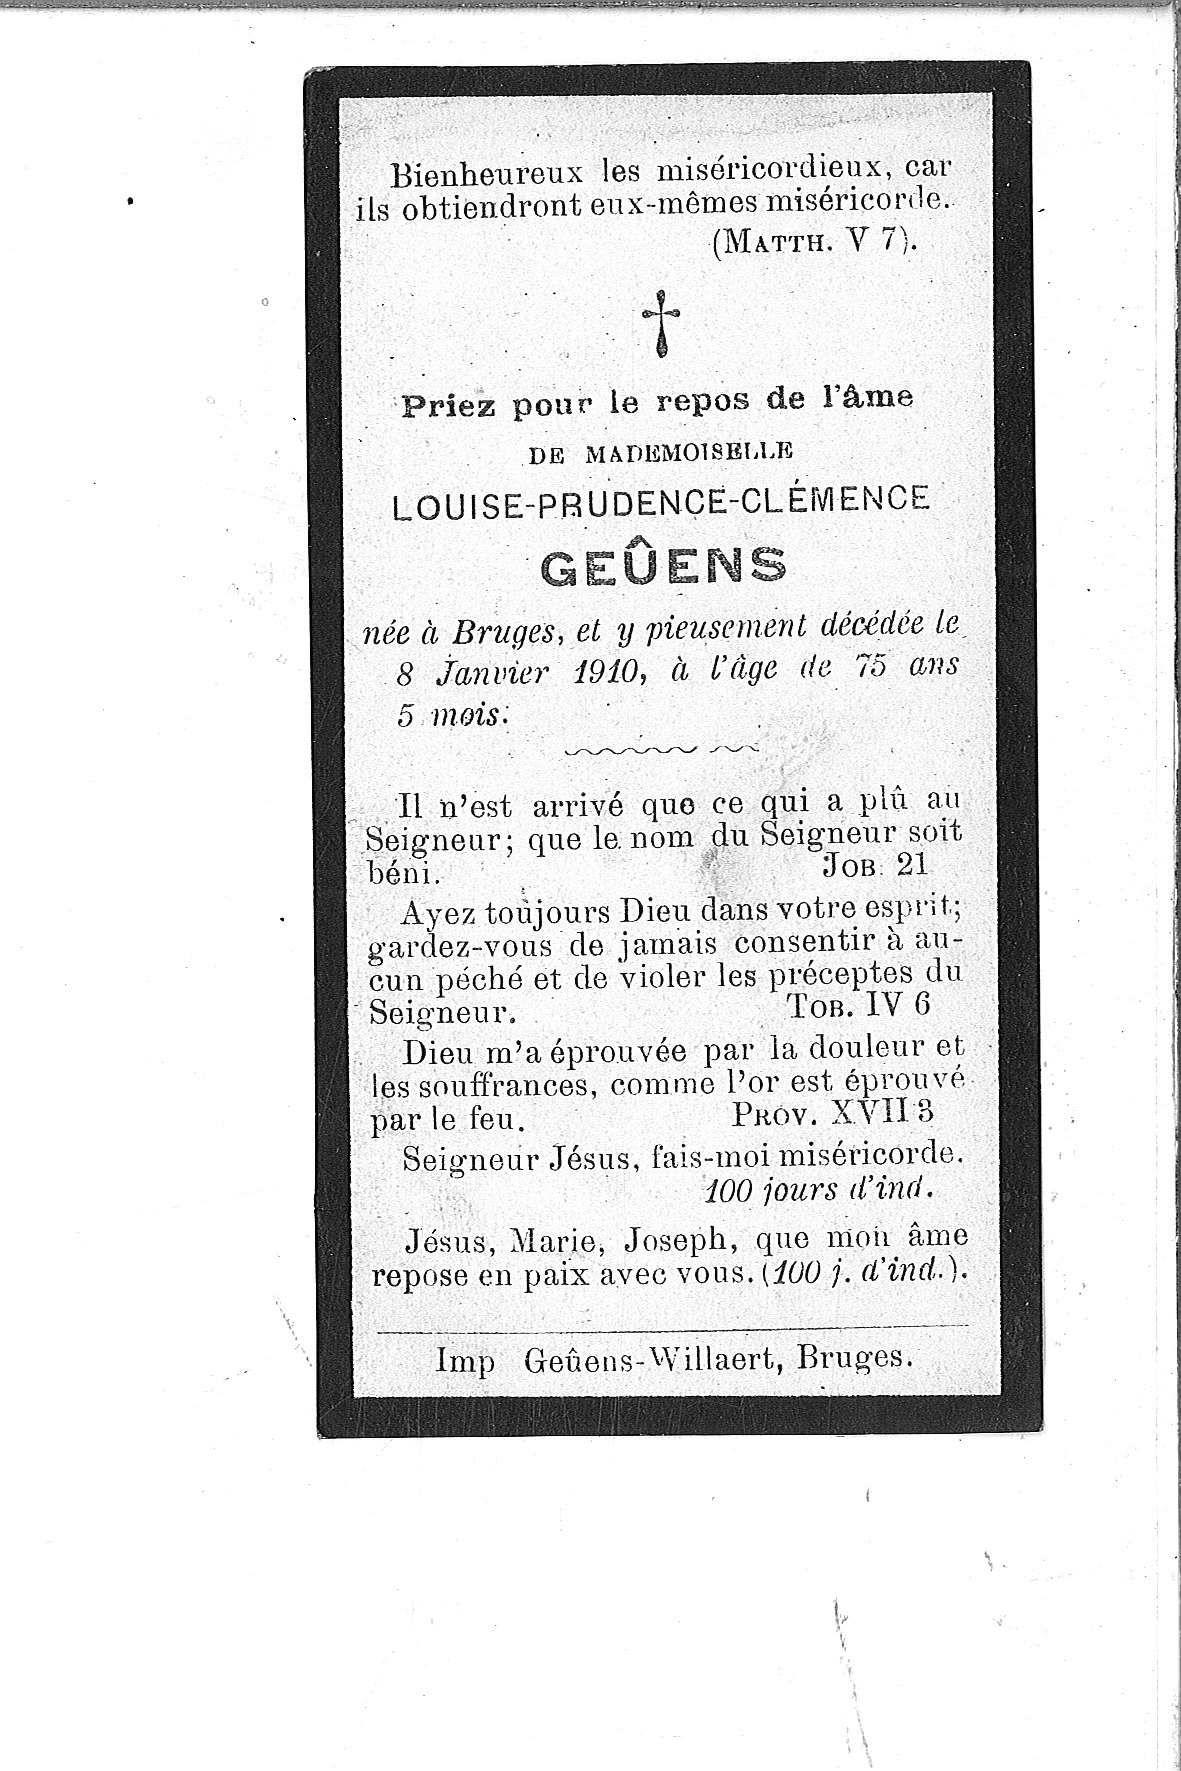 Louise - Prudence - Clémence (1910)20131210144048_00020.jpg